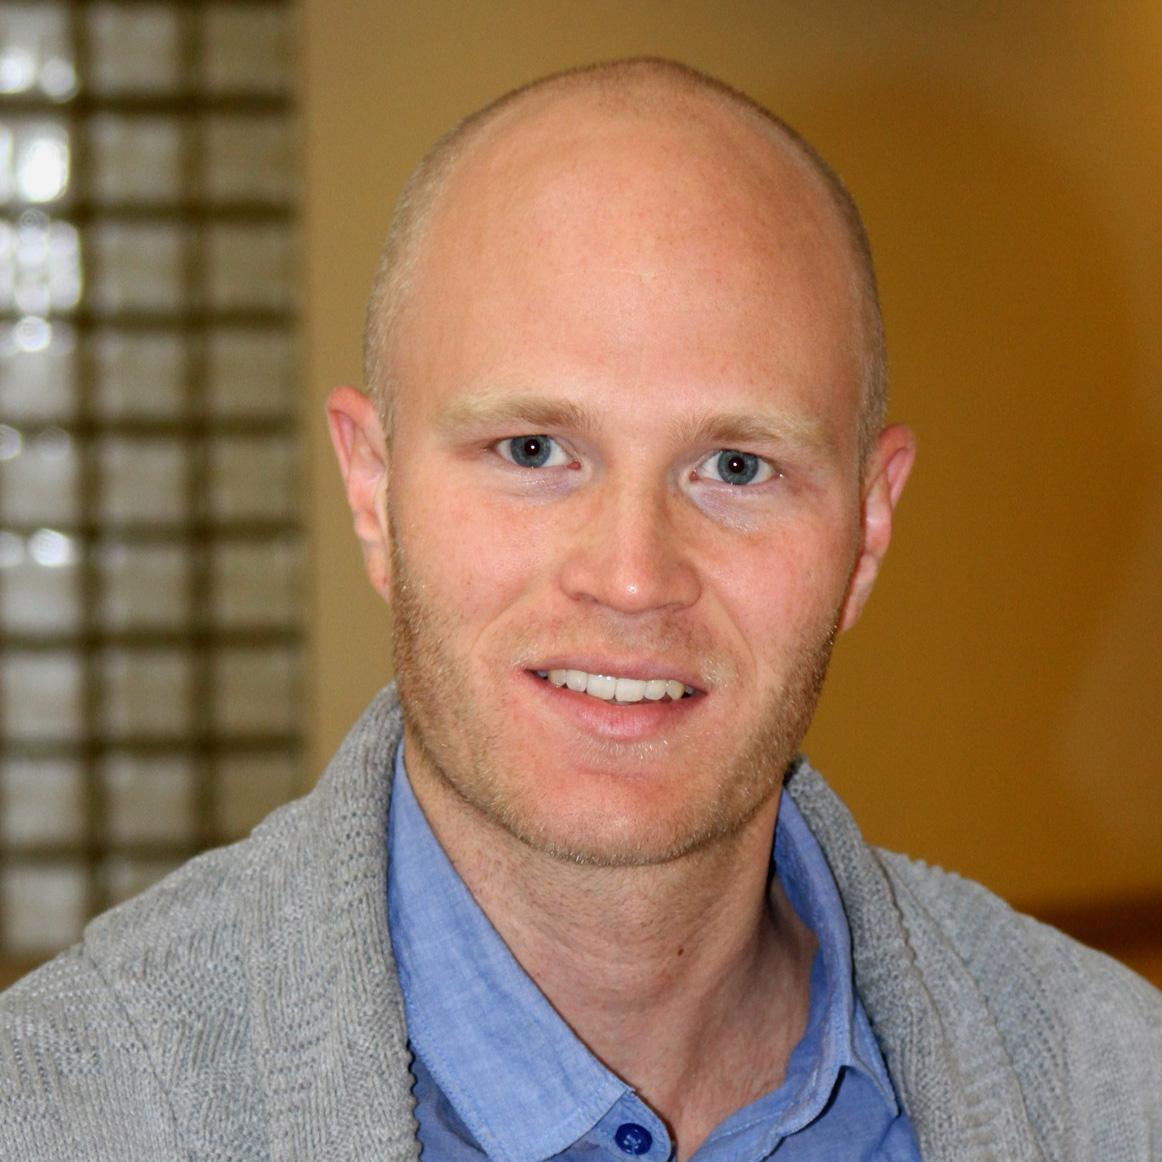 Josef Carlsson : Siviløkonom Uppsala Universitet, Høyskoleingeniør Byggteknikk Jönköpings Tekniska Högskola